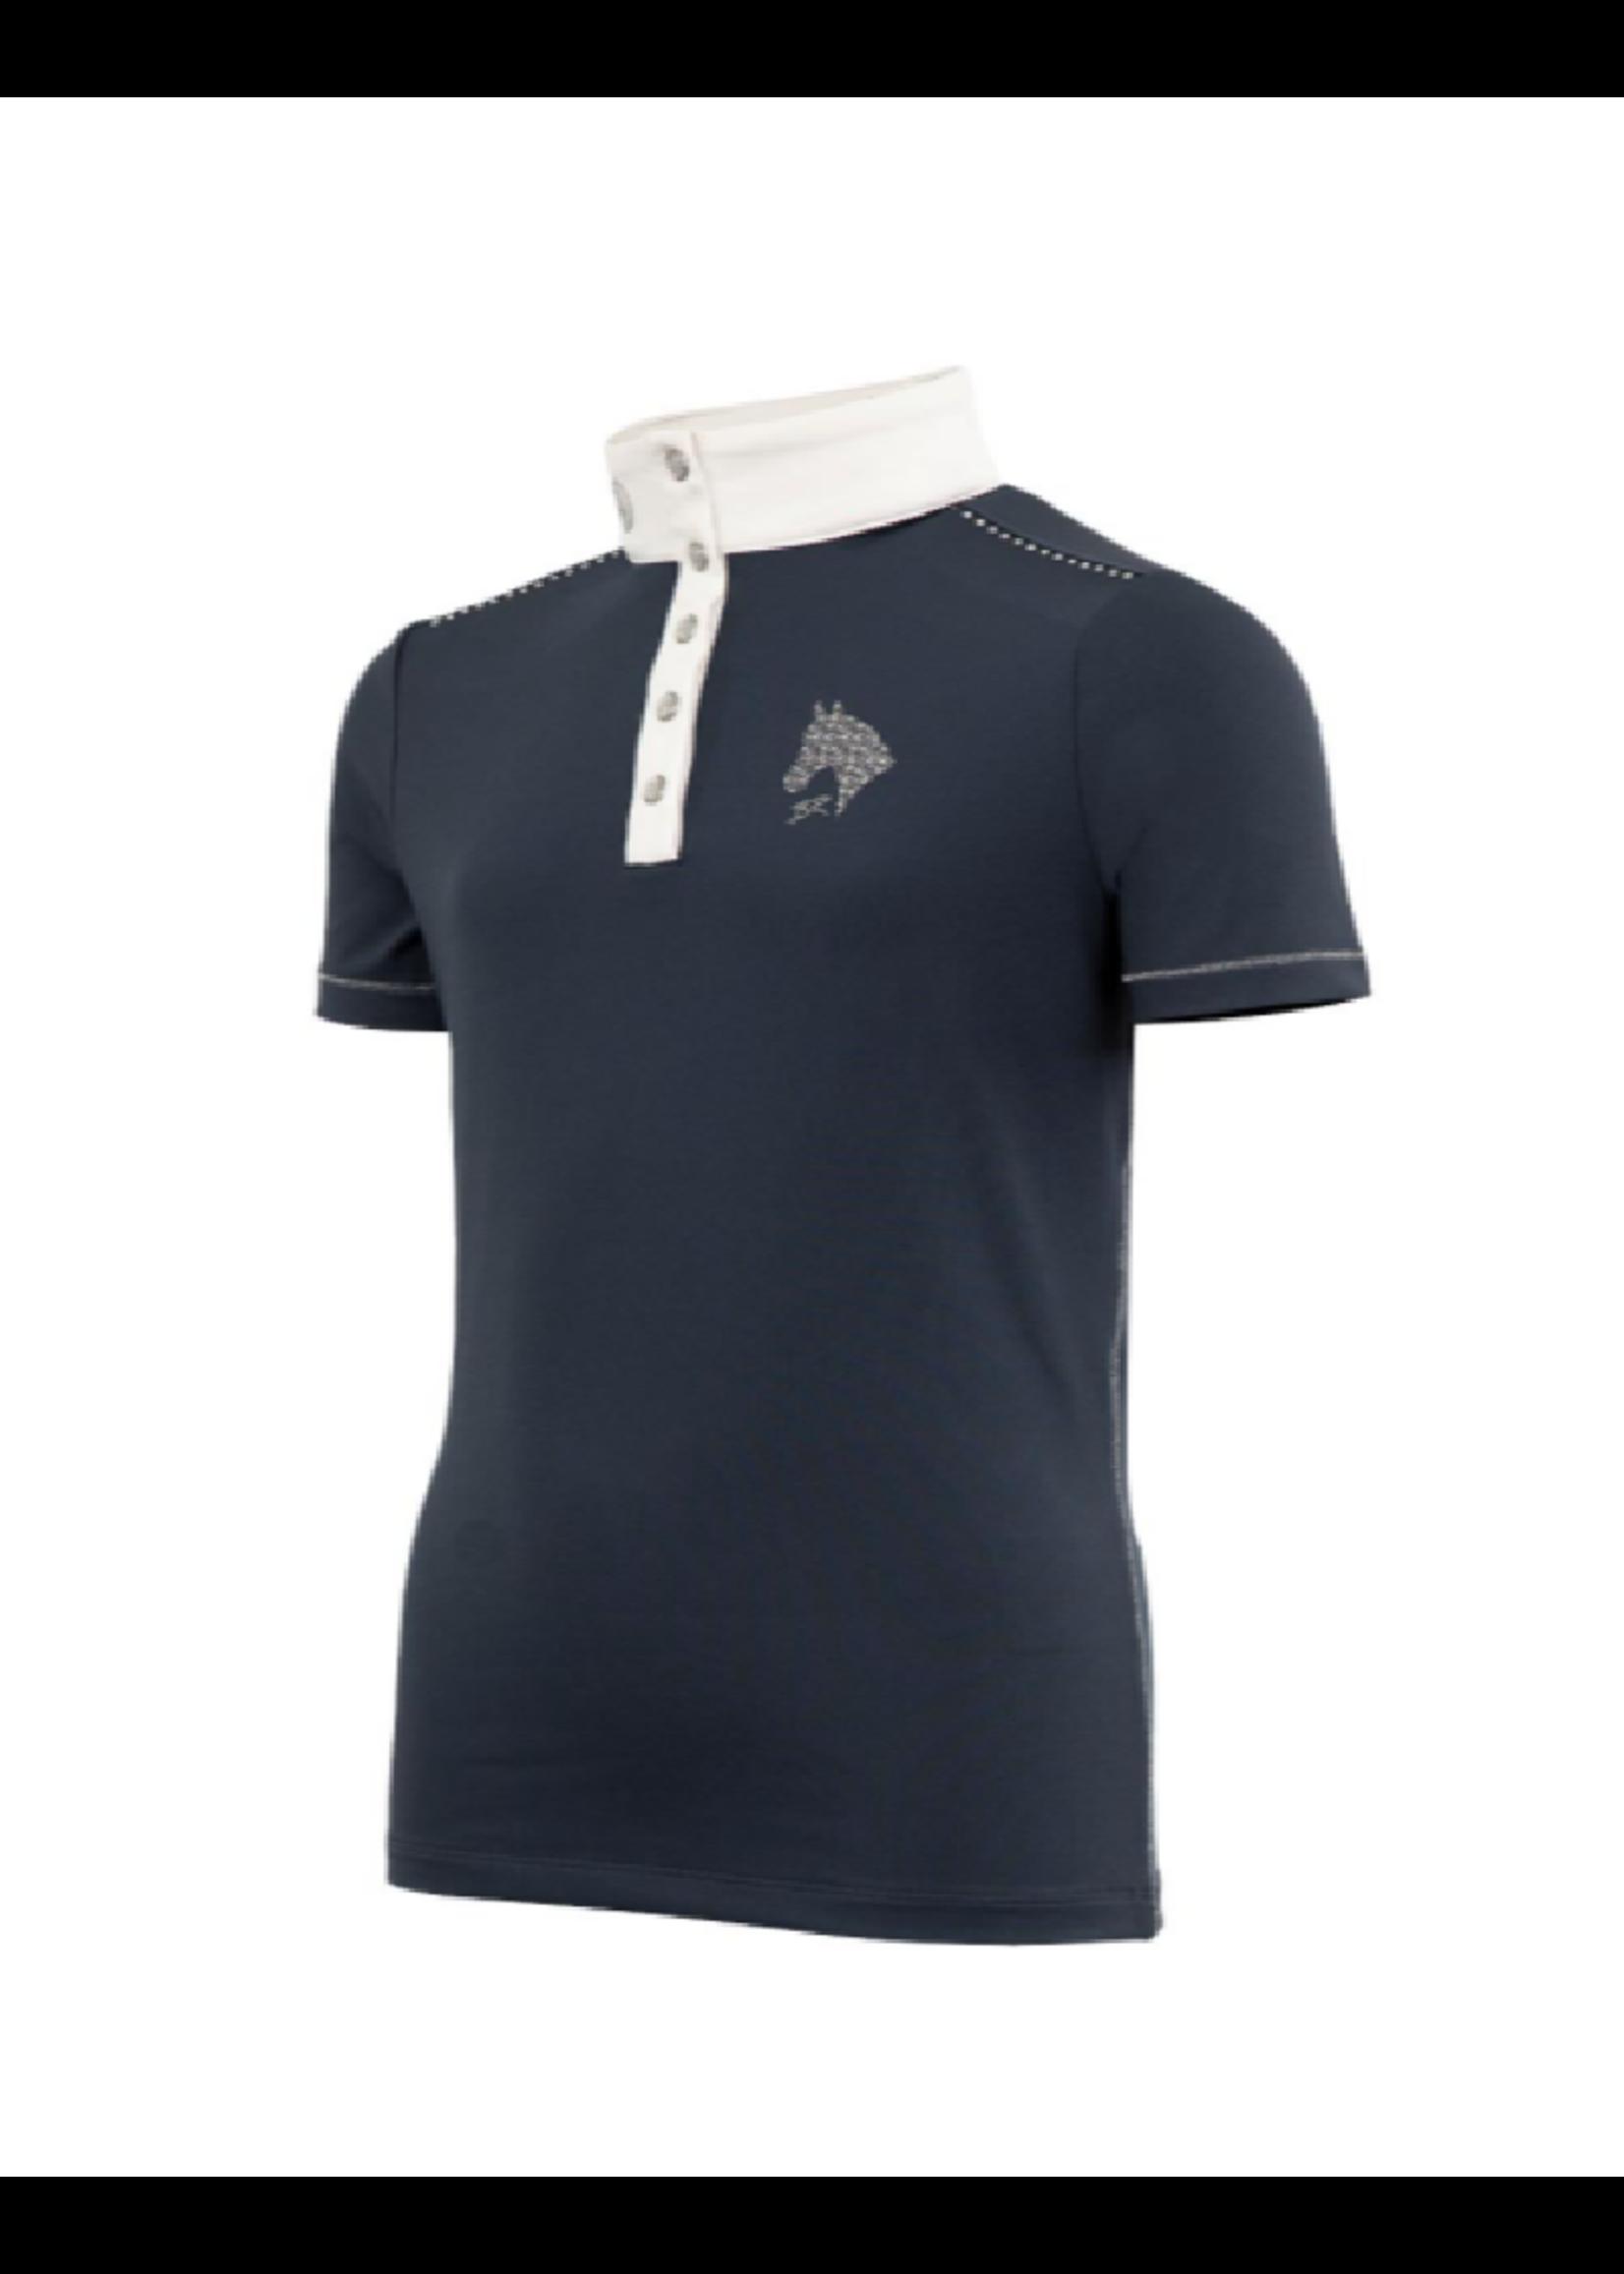 BR BR Rachelle Wedstrijd Shirt Kind